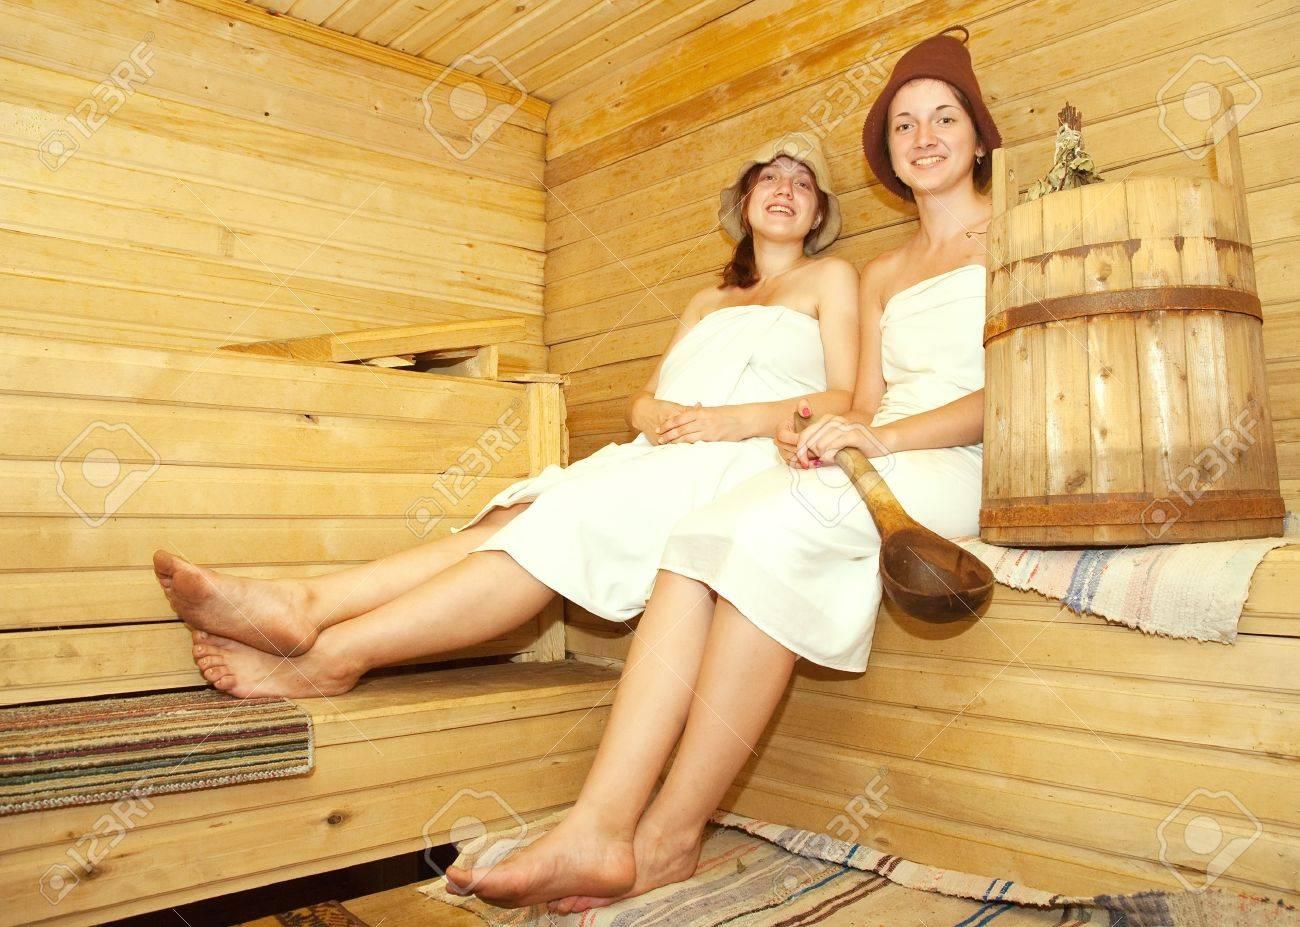 Секс зрелых в сауне фото, В сауне со зрелыми шлюхами - 16 фото домашнее 21 фотография